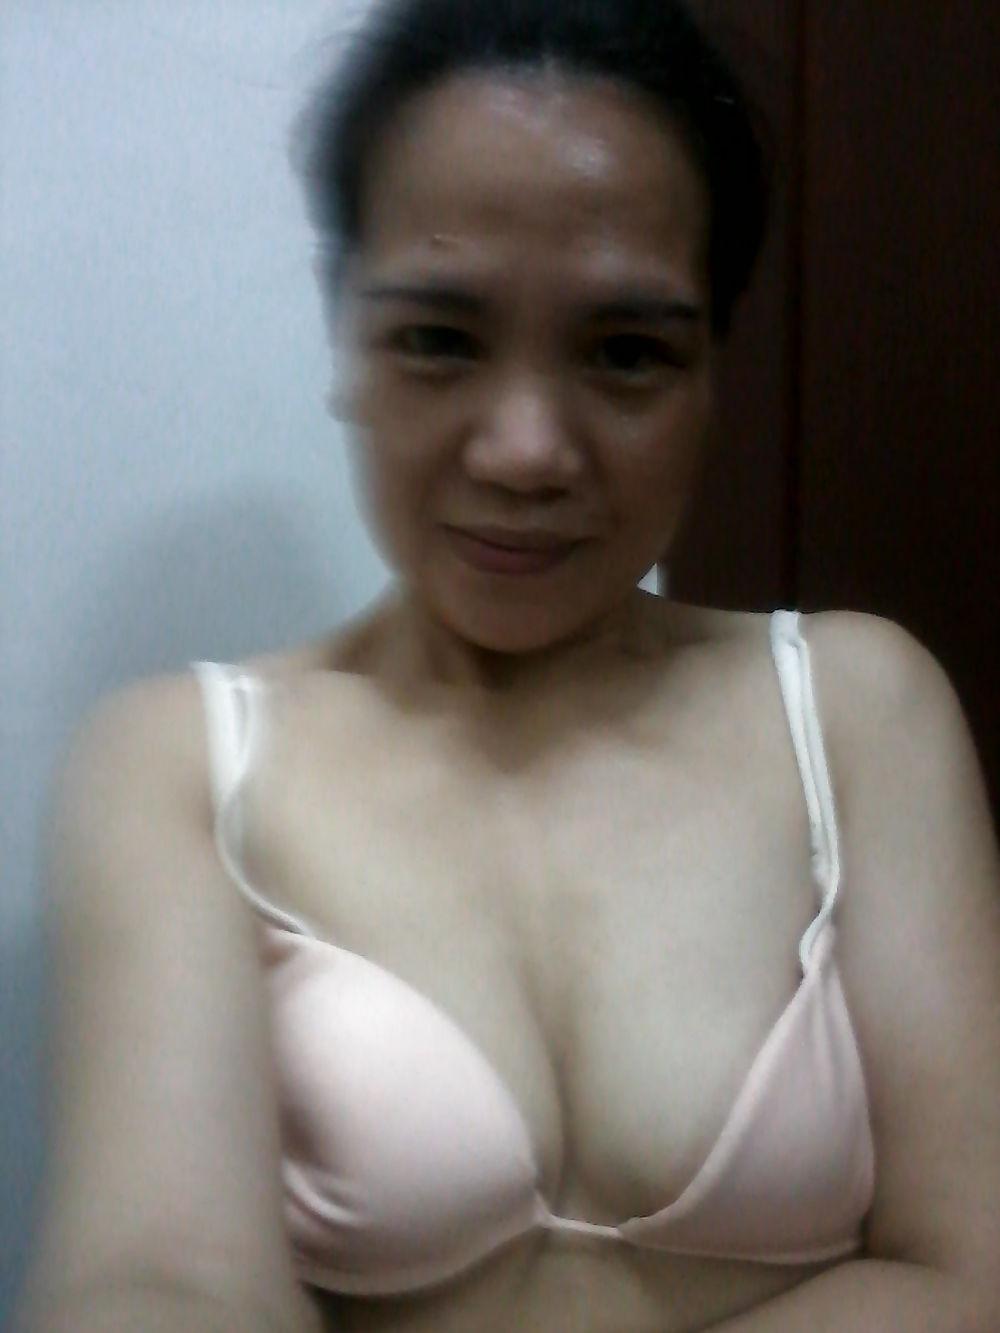 Amatuer mature nude photos-1571